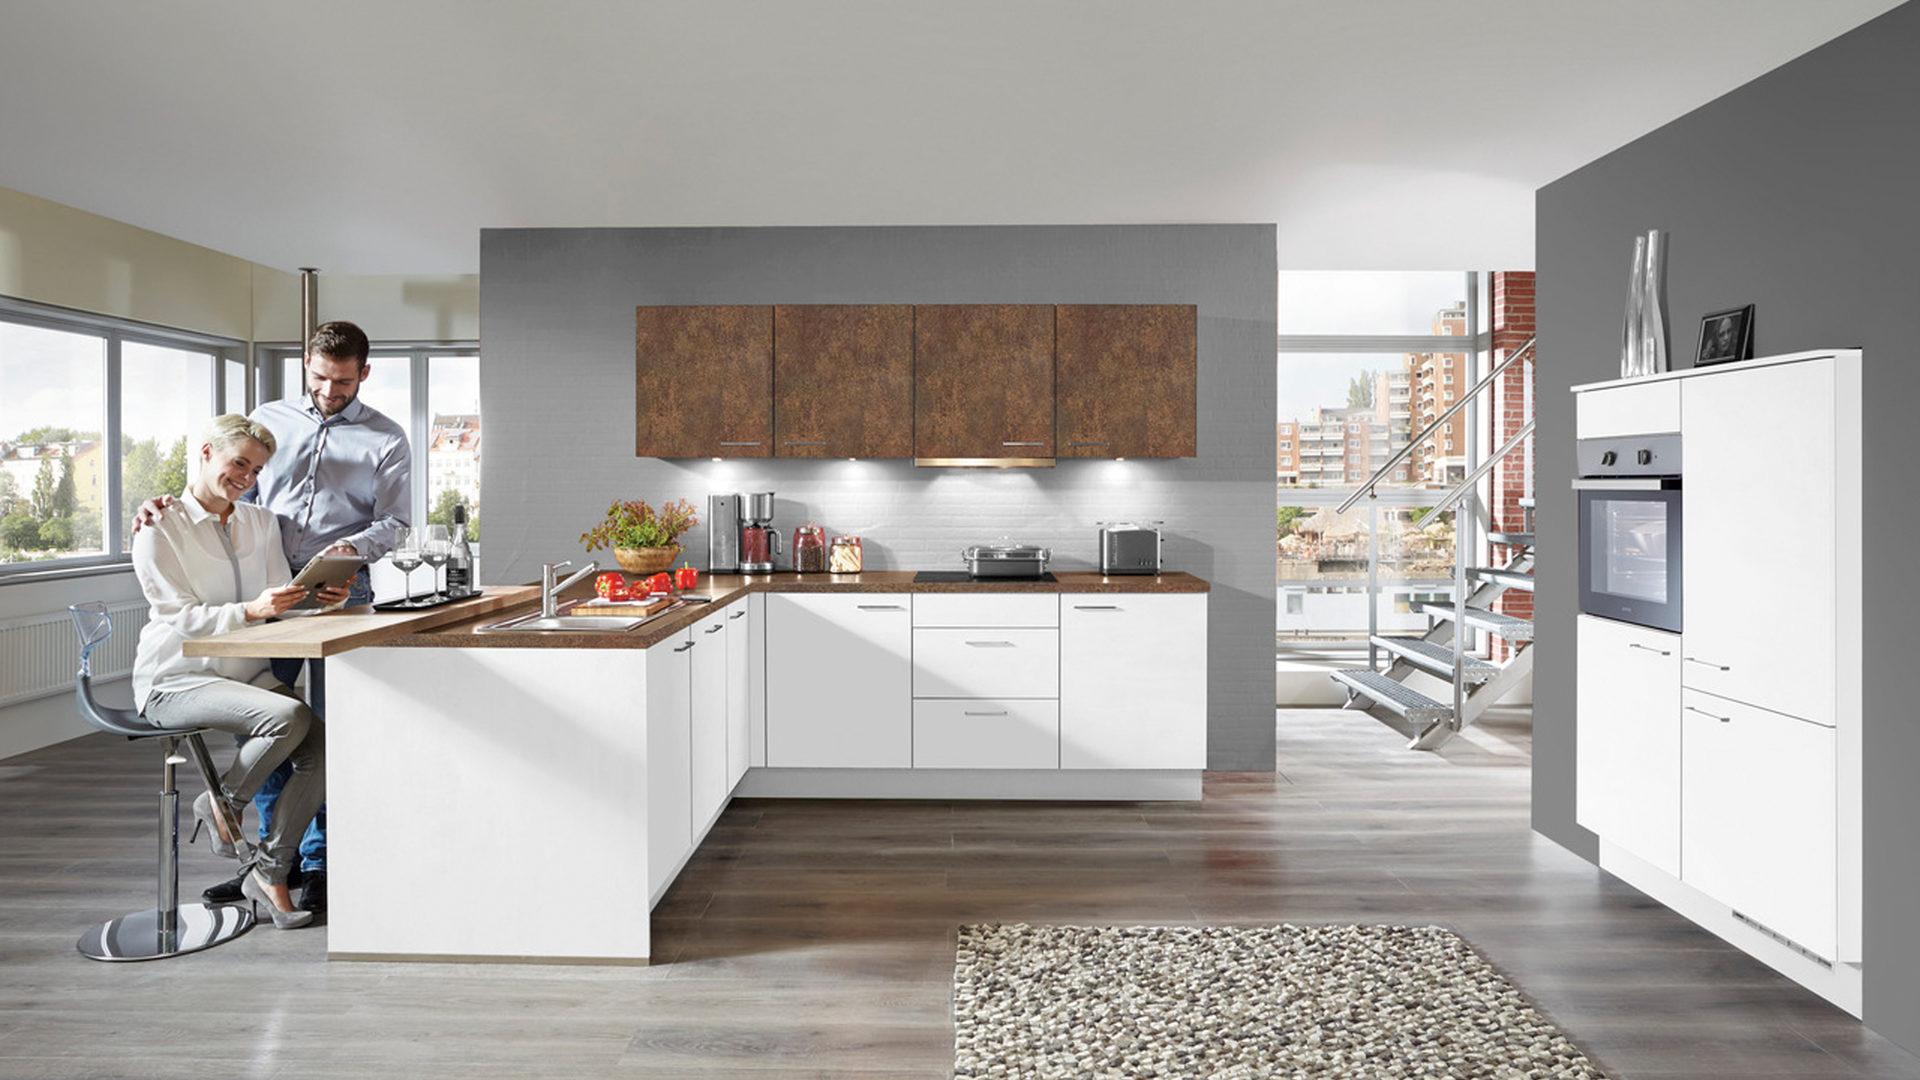 Möbel Frauendorfer Amberg, Räume, Küche, Einbauküche, Einbauküche ...